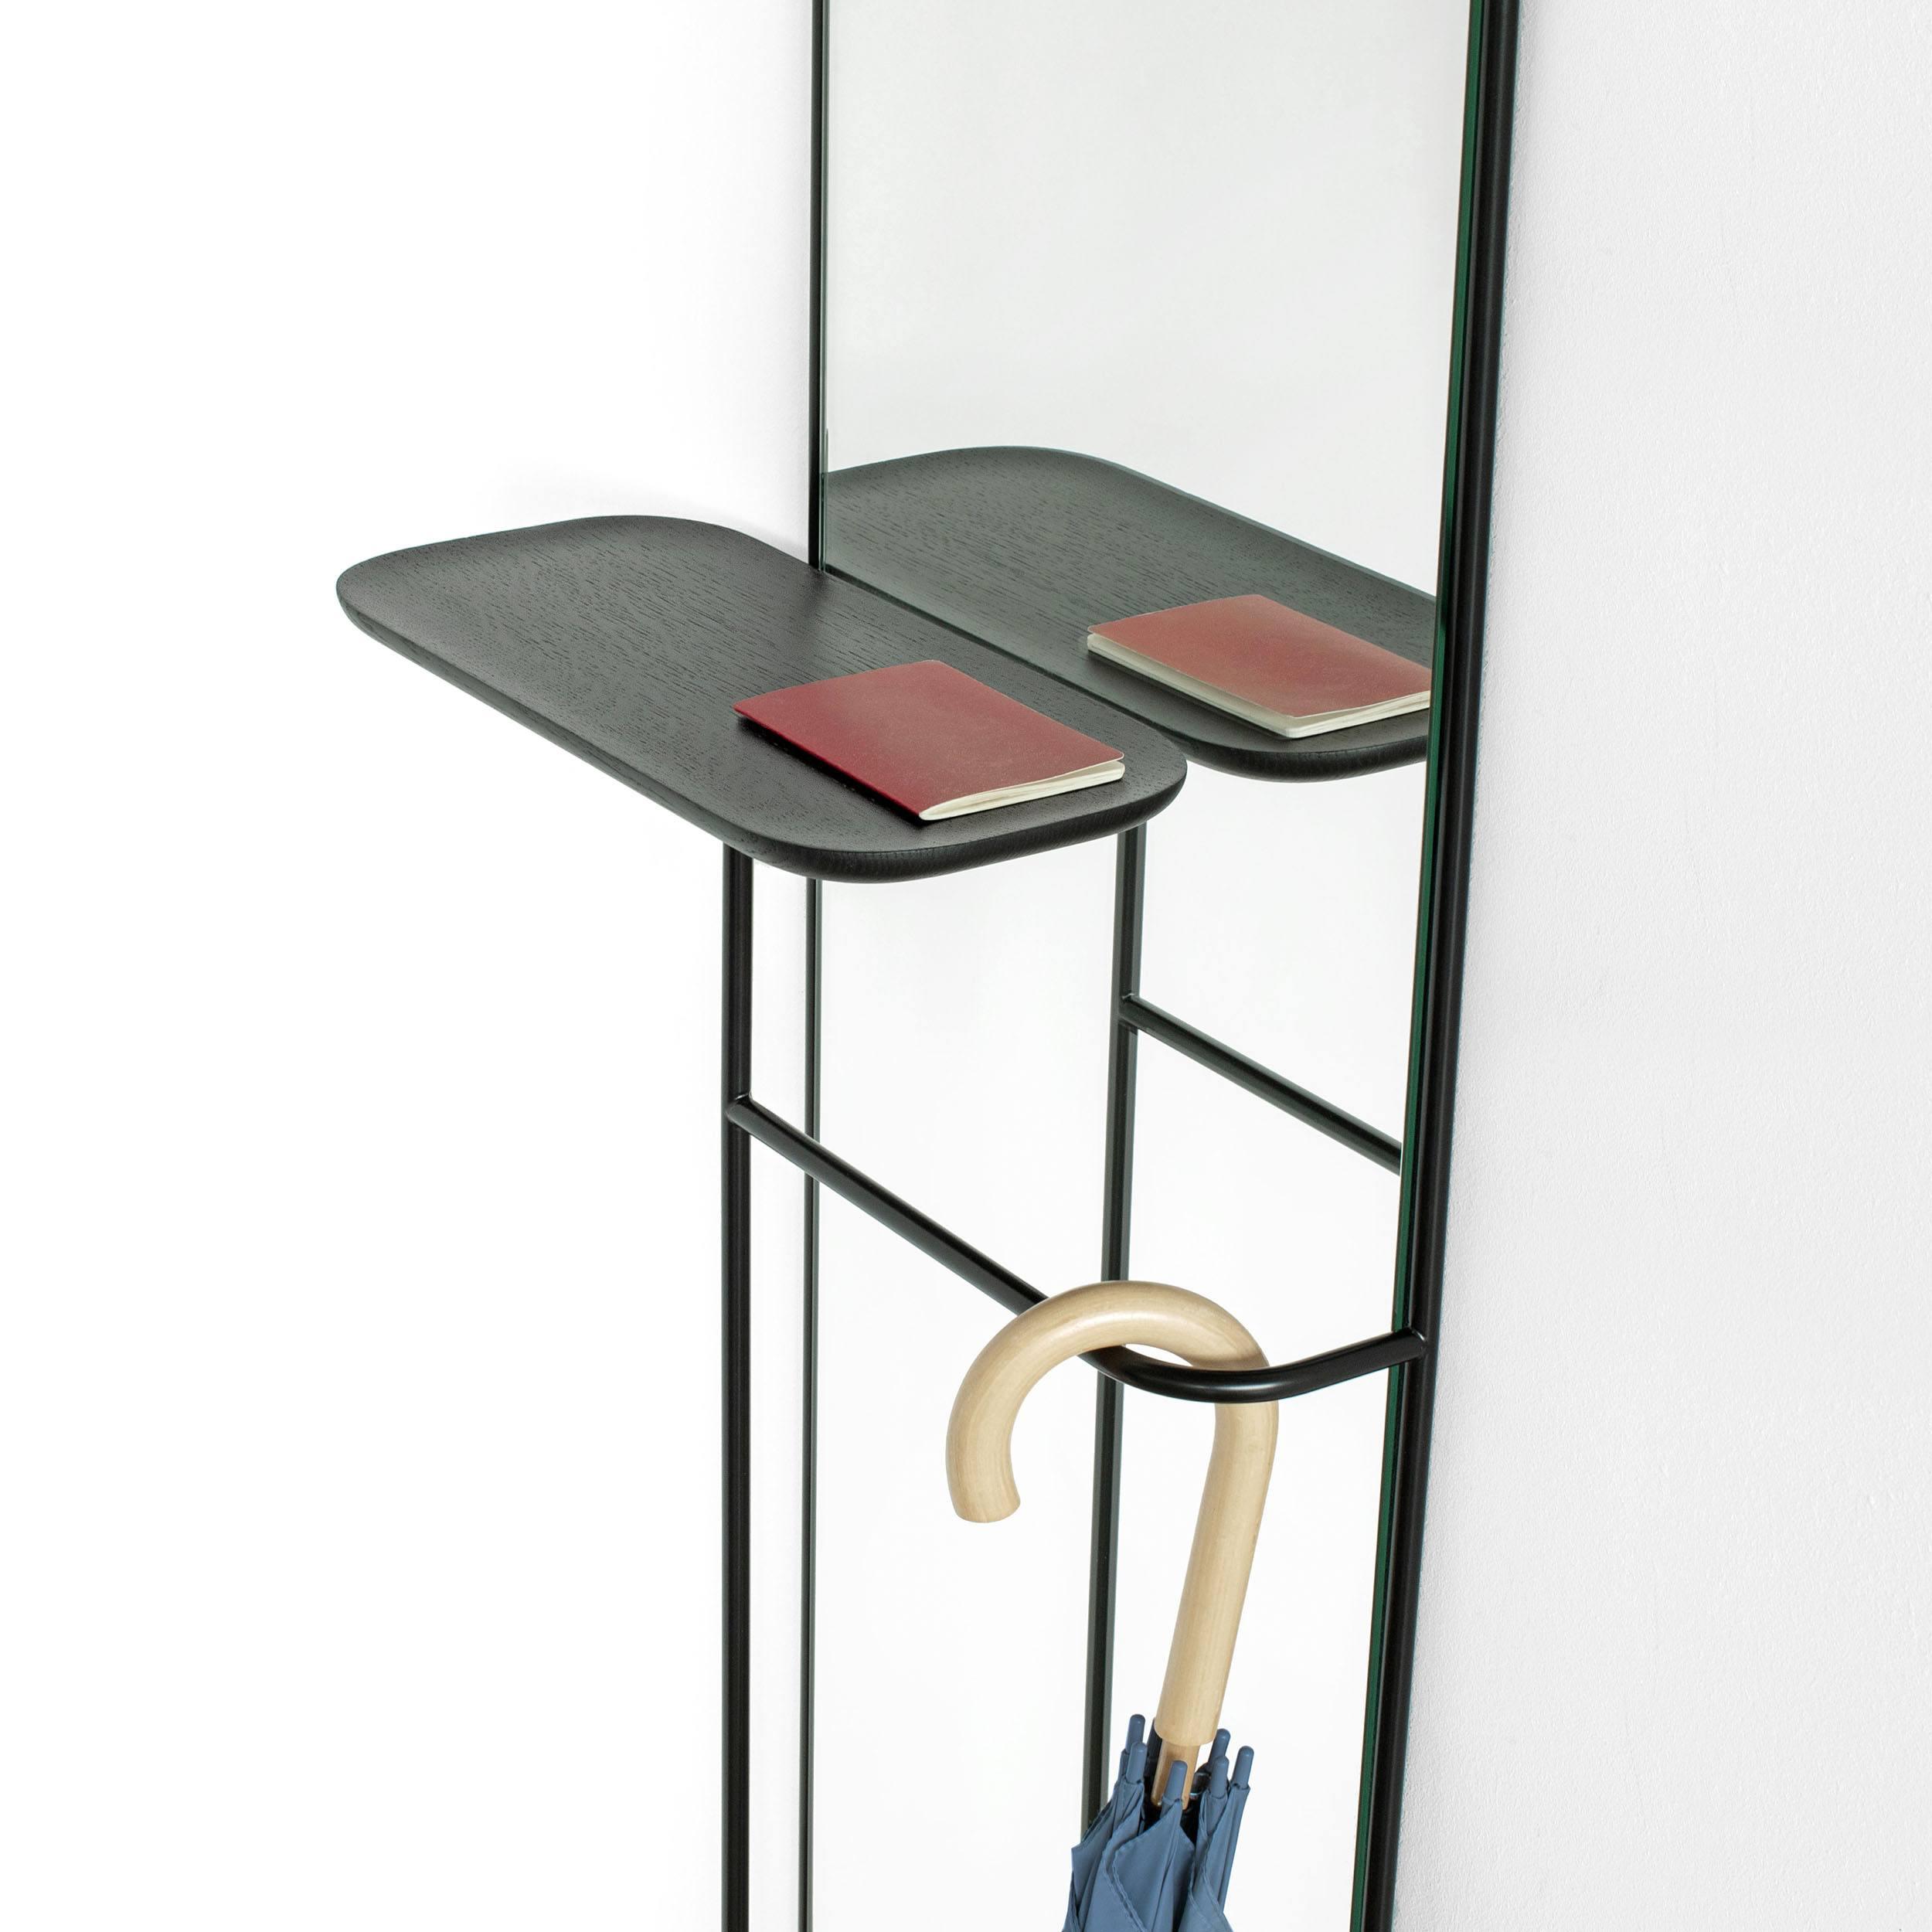 Concierge Wandspiegel mit Ablage